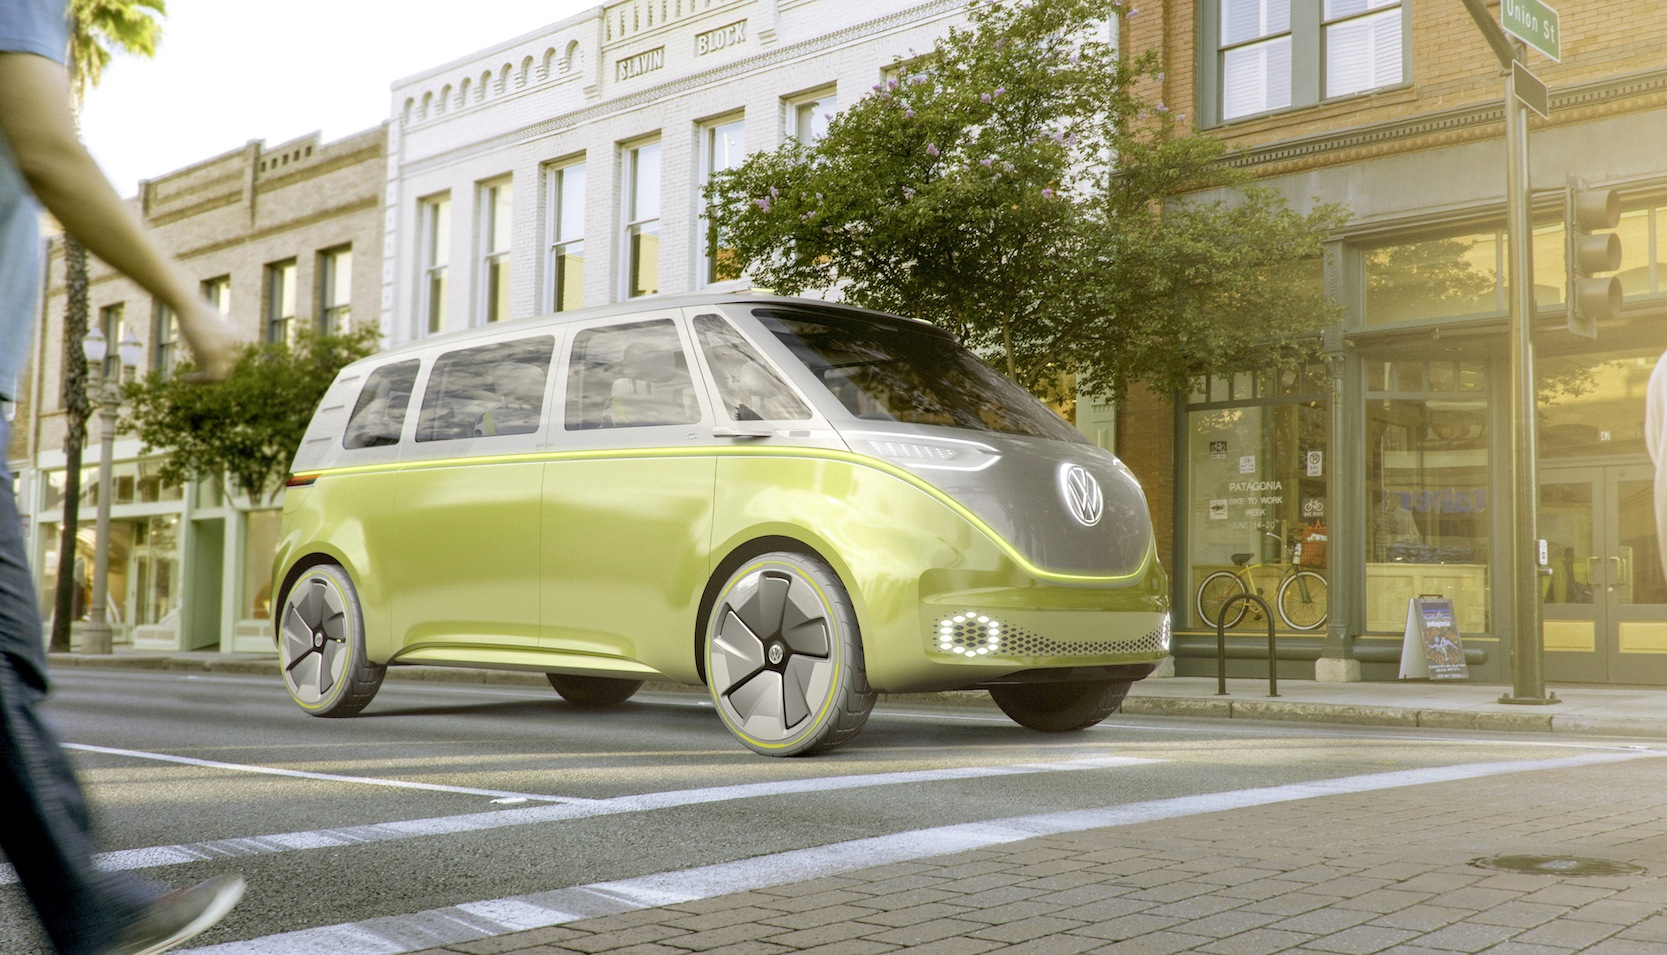 Mit dem Elektro-Bulli Buzz kommt wieder ein richtig schöner Bulli auf die Straße. 2022 soll das Auto kommen, ab 2025 mit autonomer Fahrtechnik.